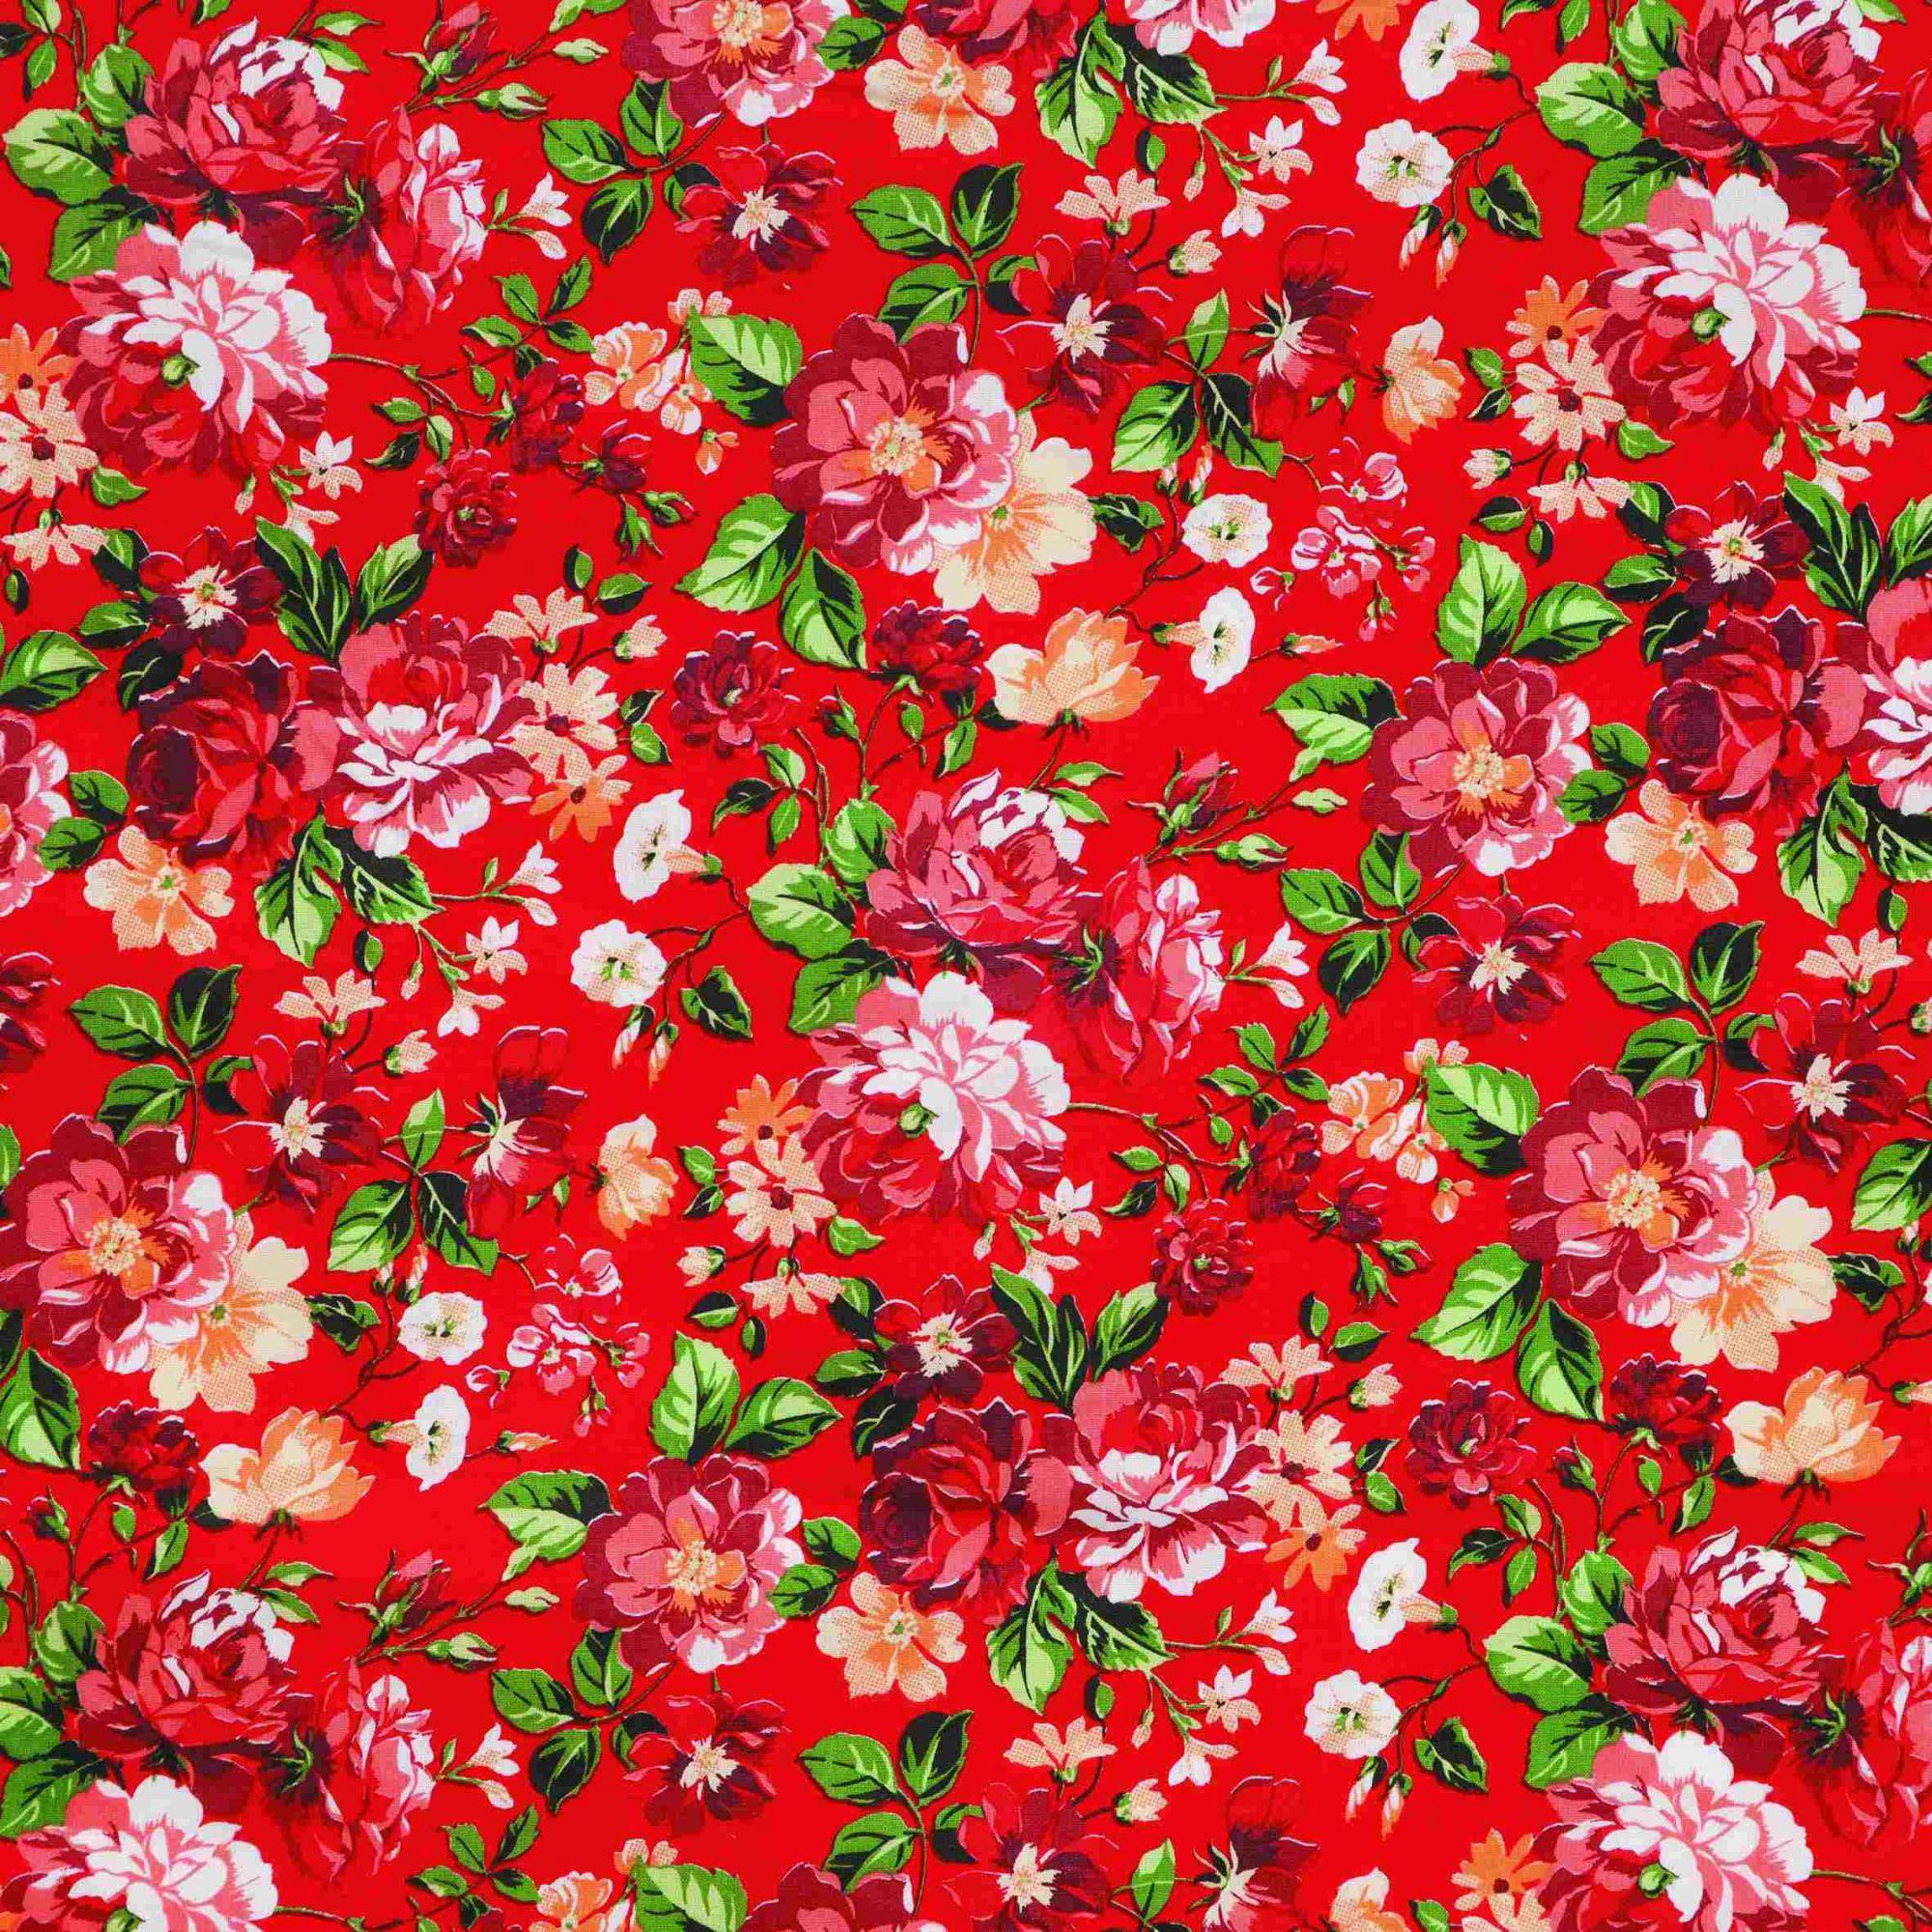 Tecido tricoline estampado flores 100% algodão vermelho